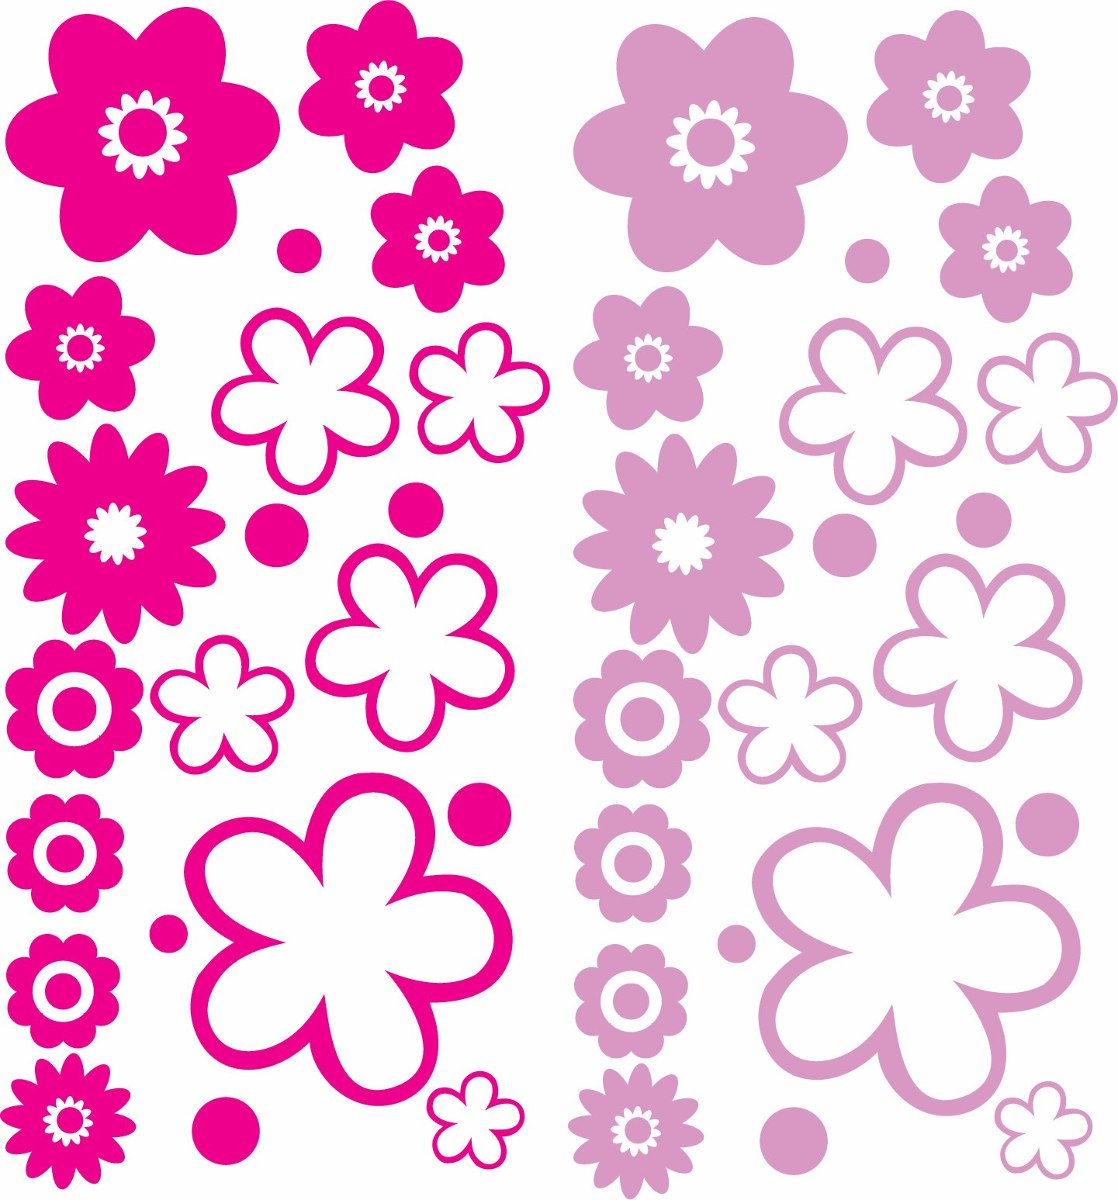 Vinilos de flores para pared necesitas unas flores para for Stickers para decorar paredes